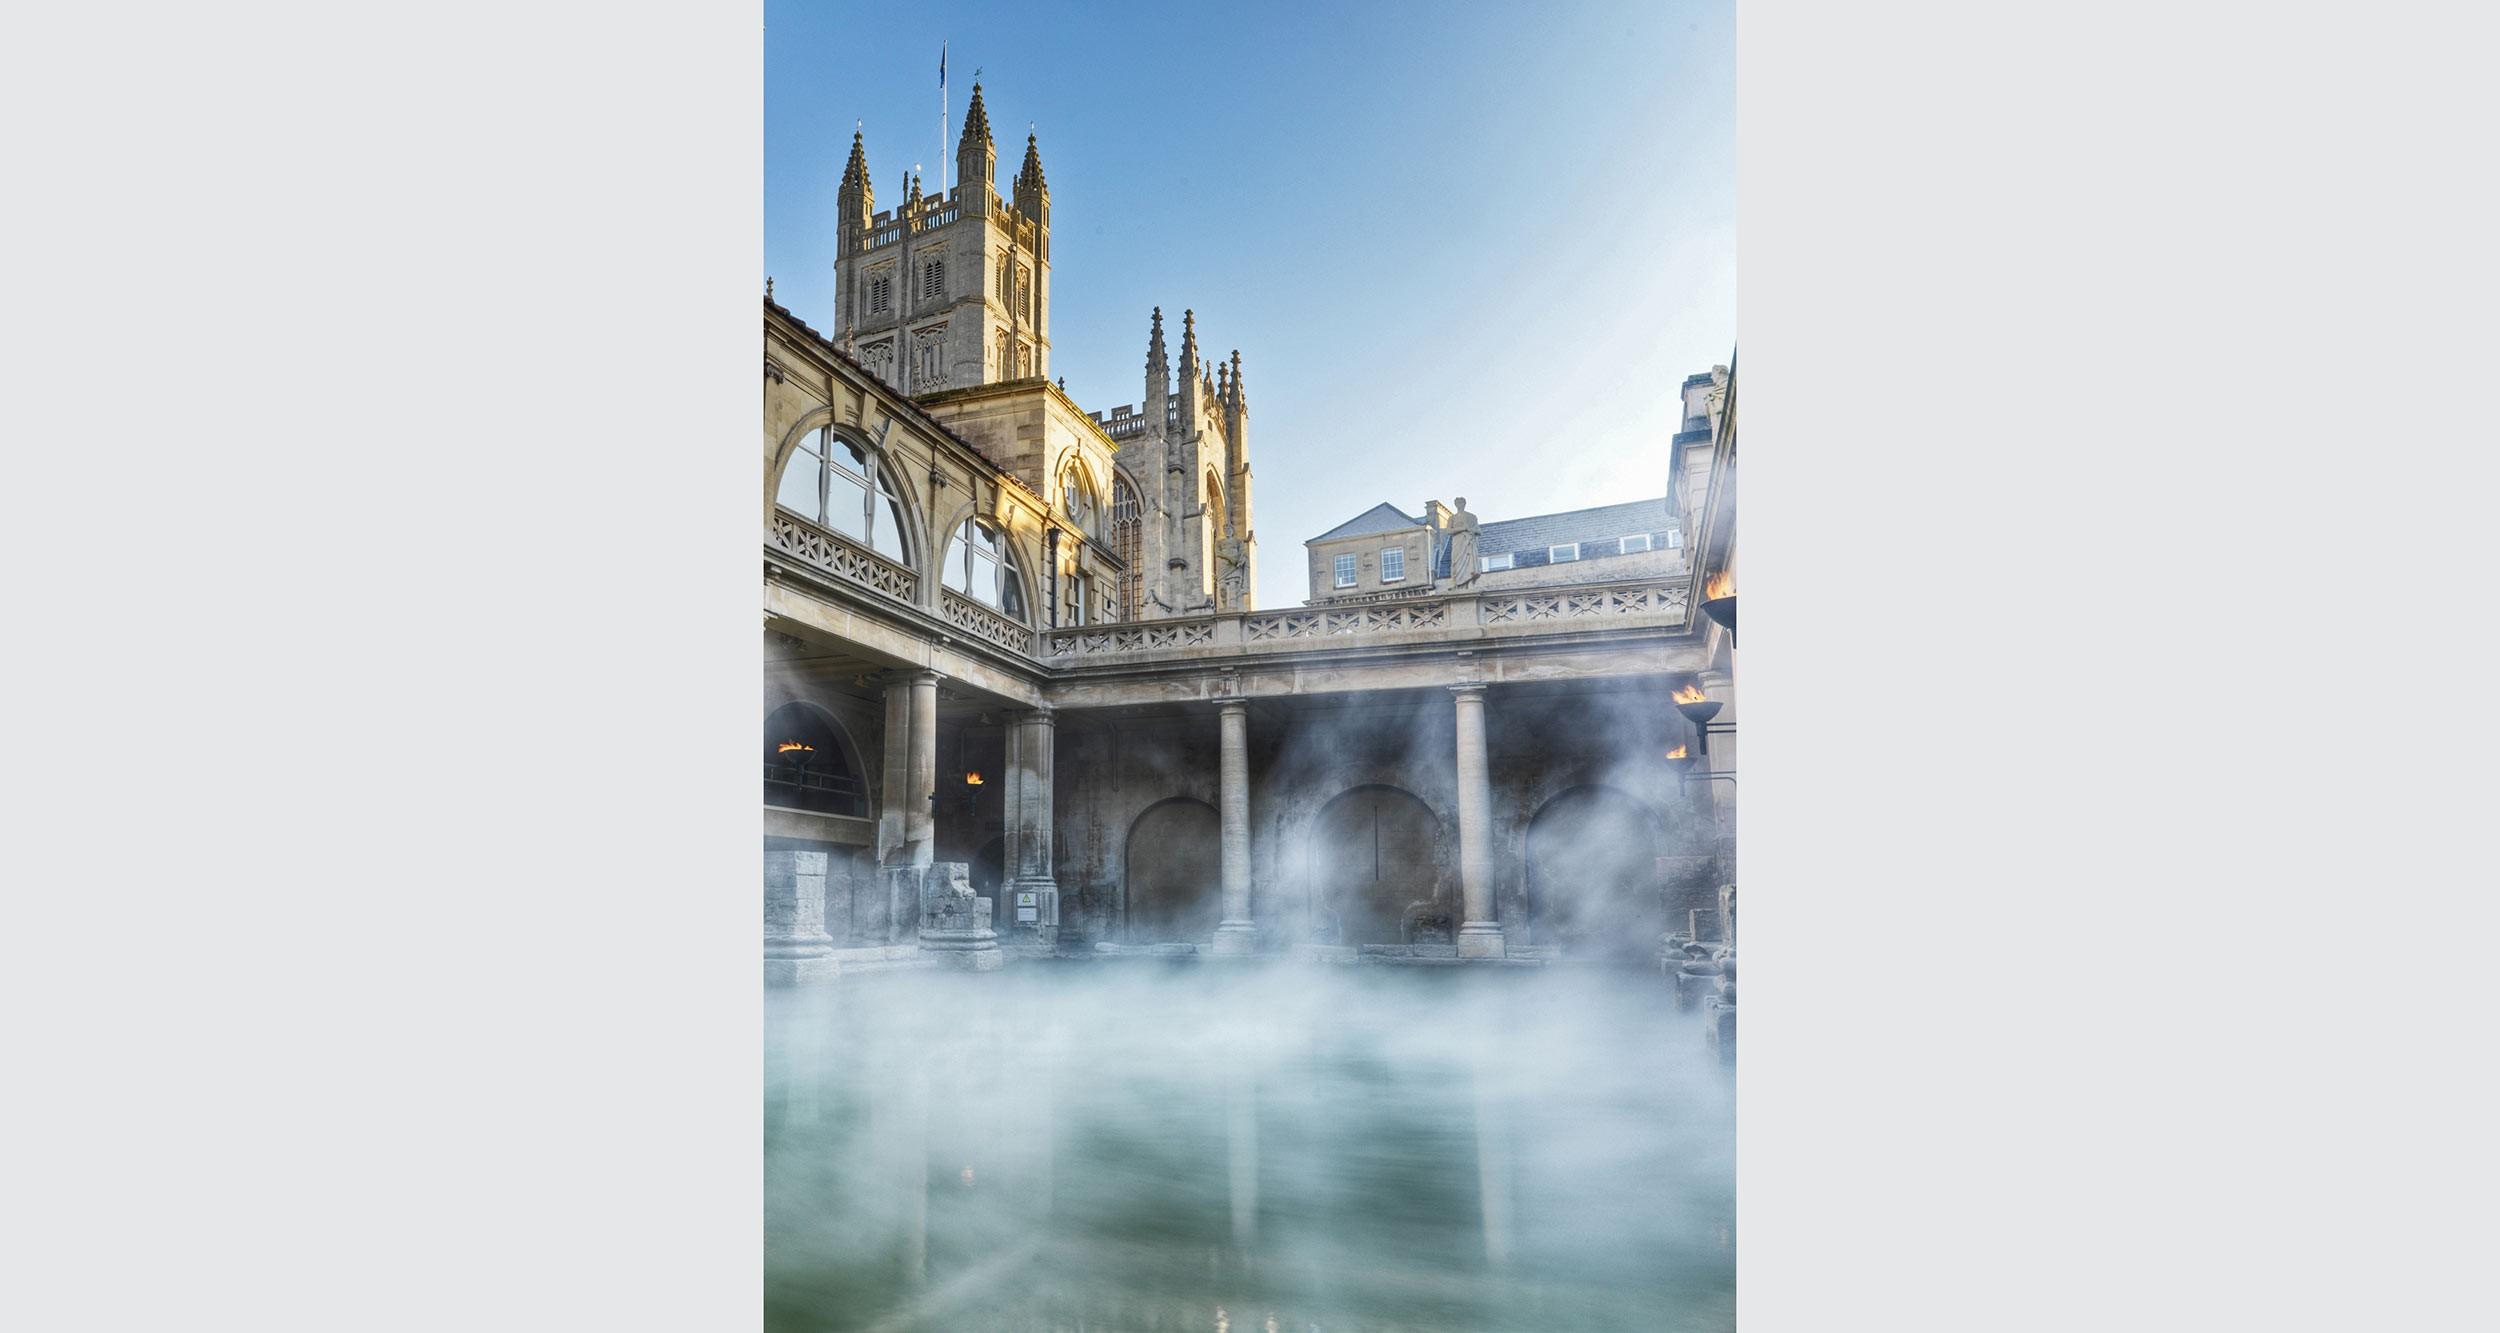 Das alte, römische Bad in Bath.